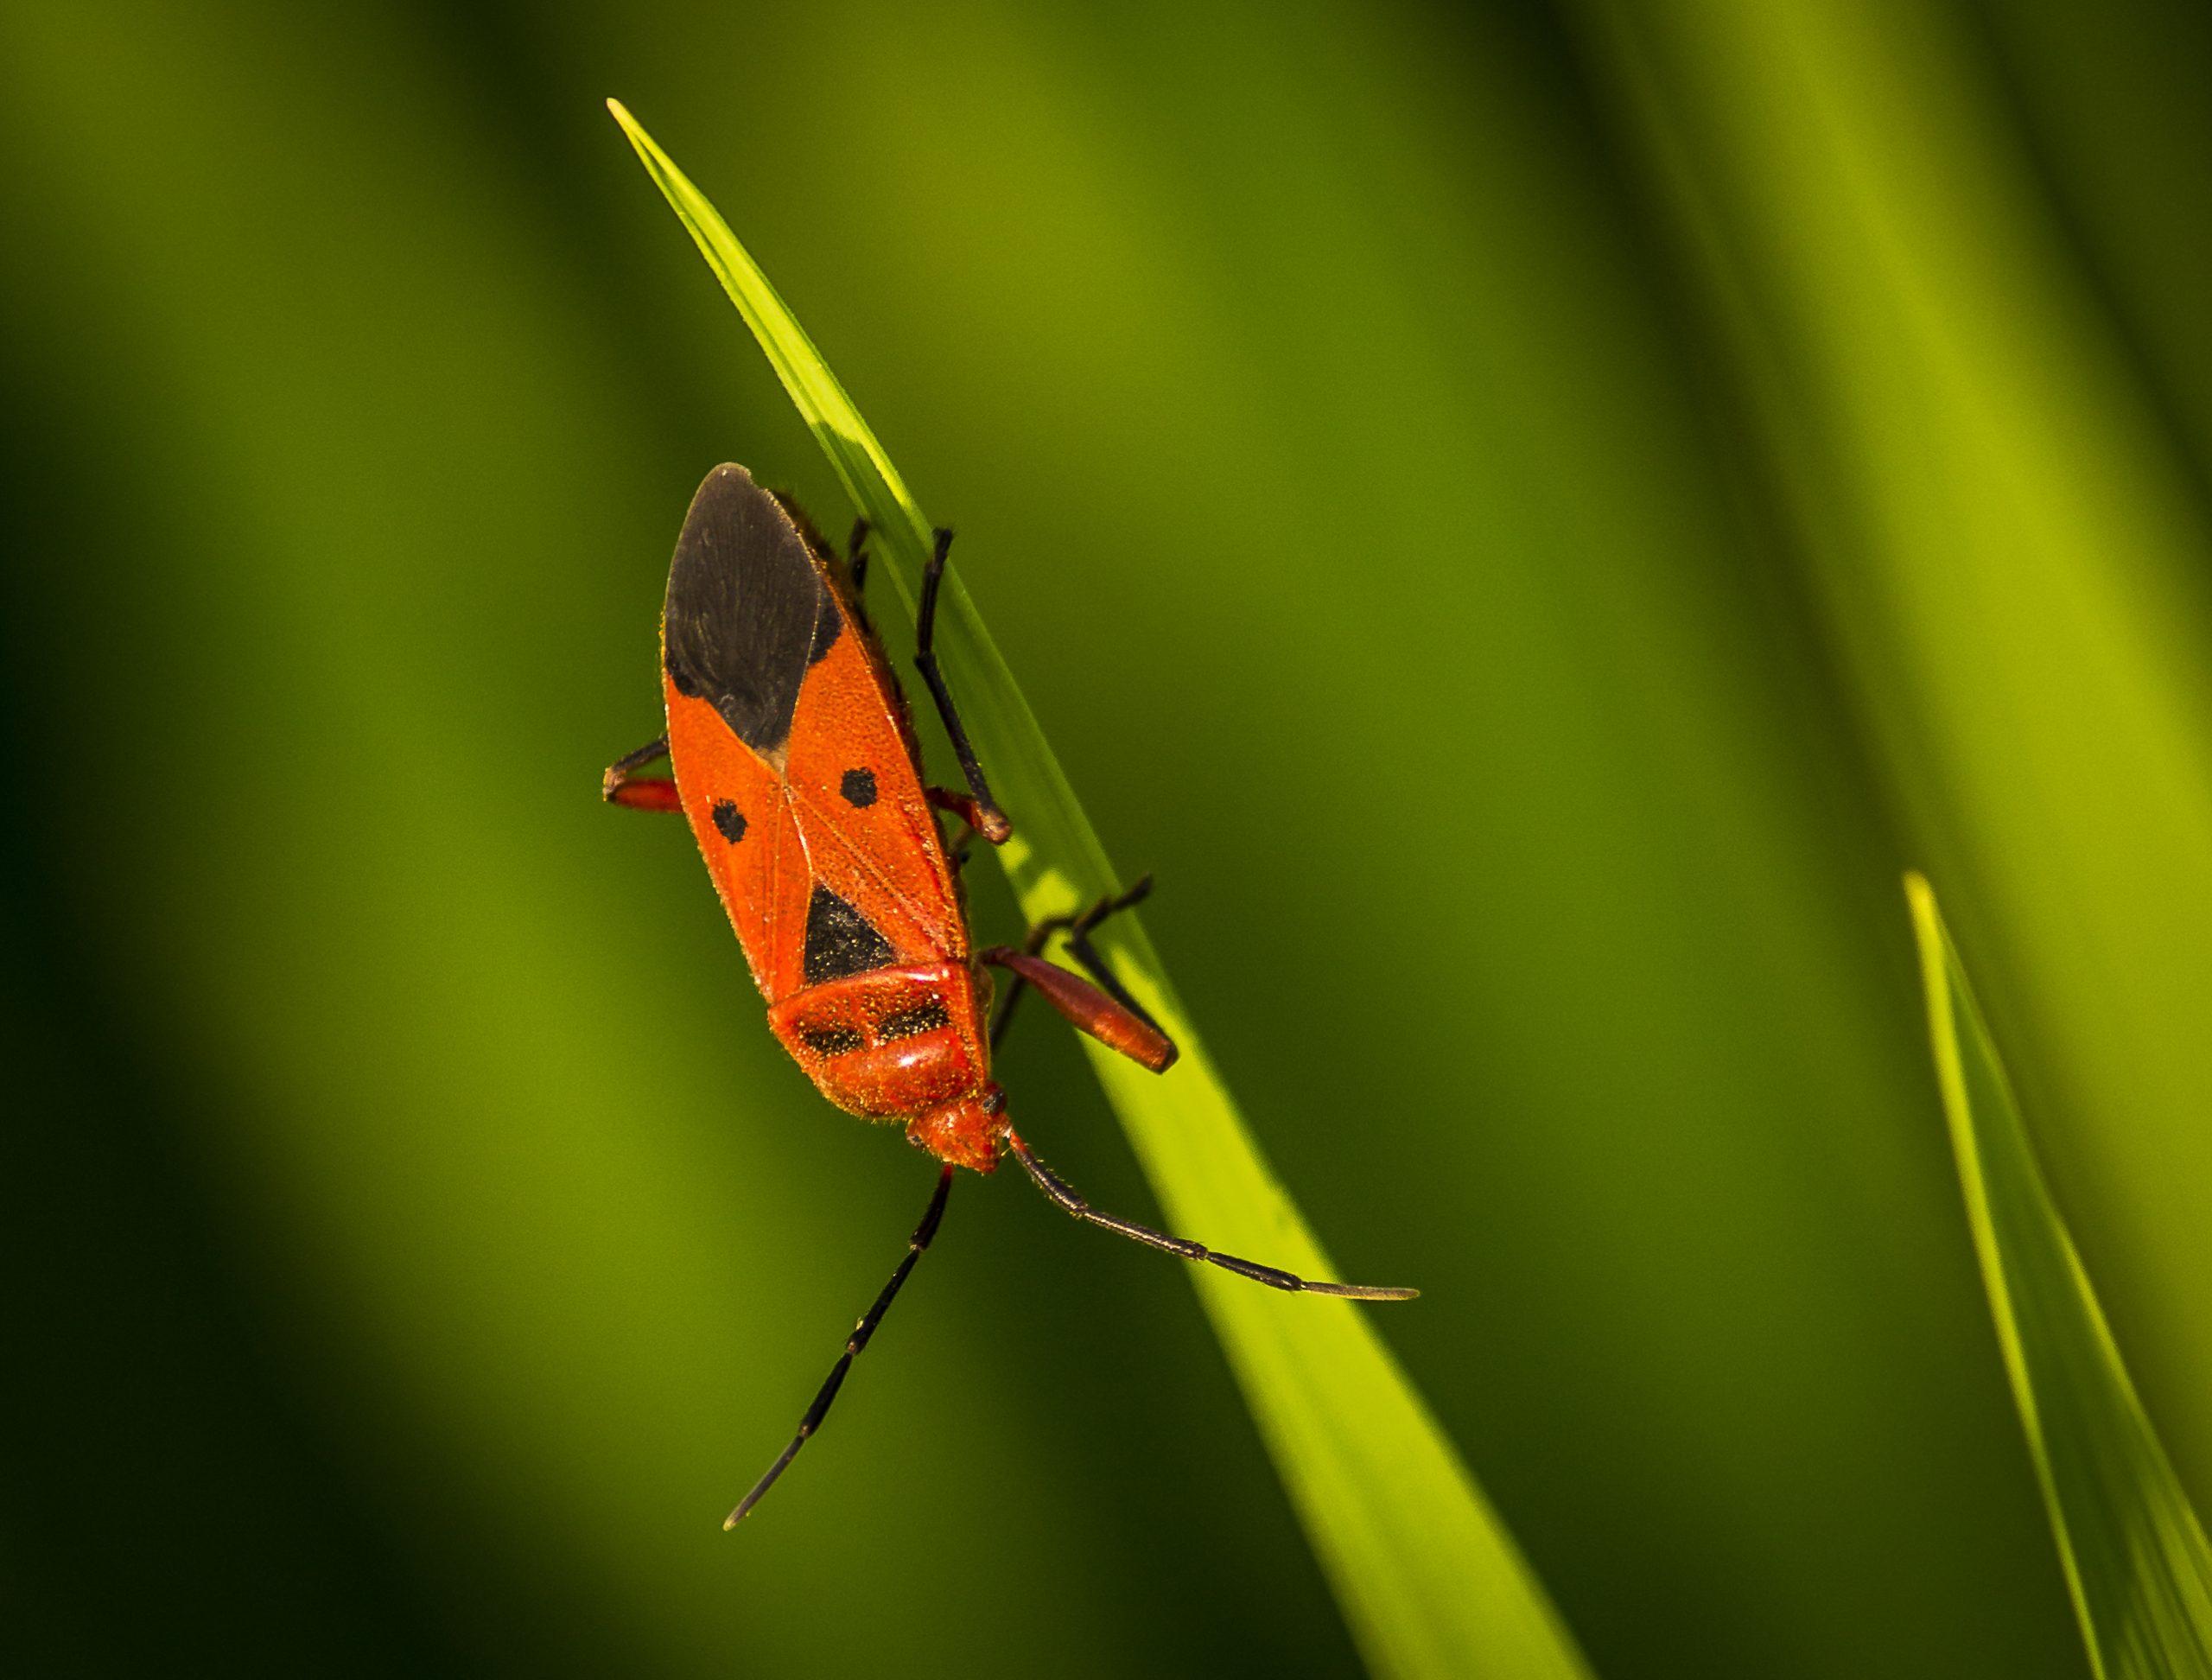 A red bug on a leaf